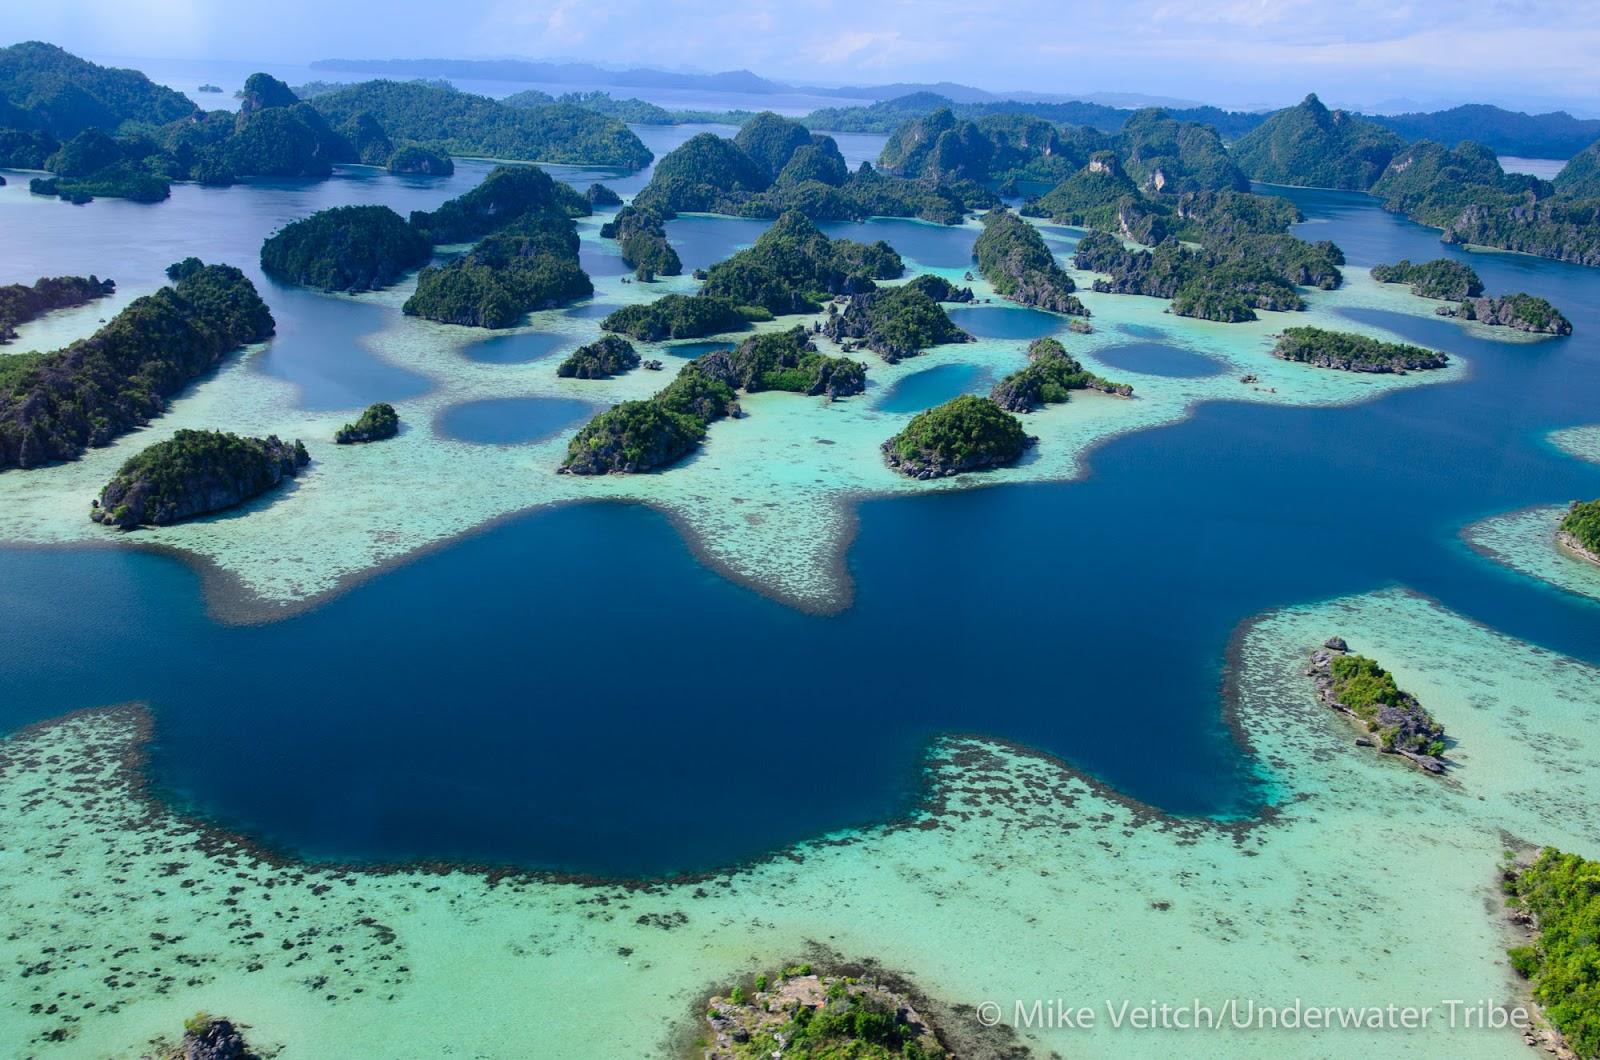 wilayah indonesia timur segera saja menjadi destinasi favorit para pelancong karena keeksotisan pantai pantainya berikut rekomendasi 5 wisata